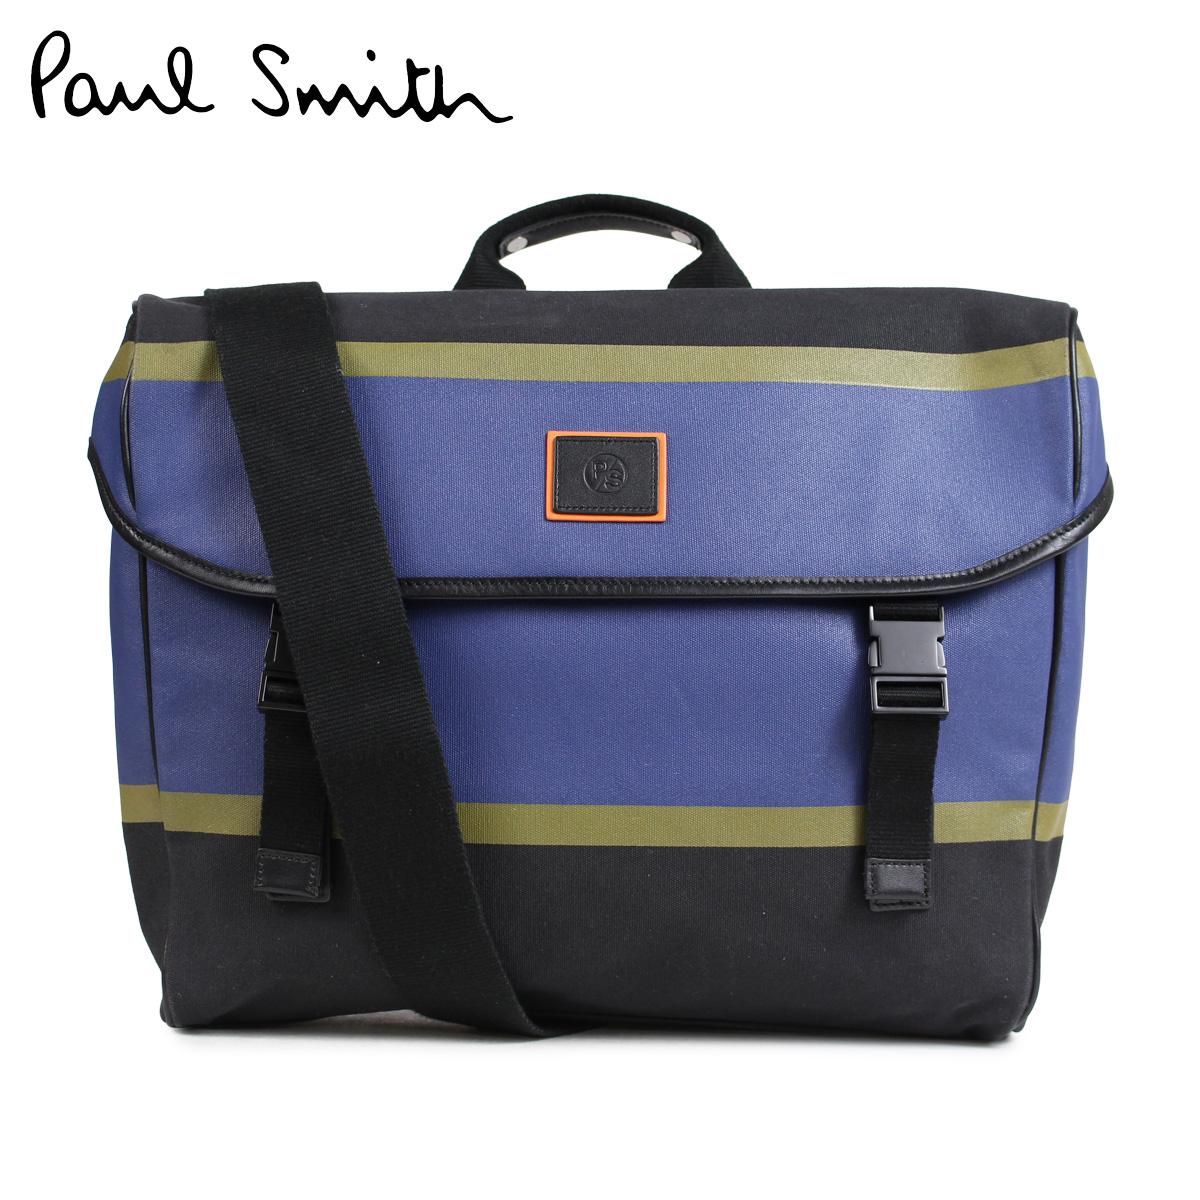 Paul Smith MESSENGER BAG ポールスミス バッグ メッセンジャーバッグ メンズ ブラック ASXD 5007 L841